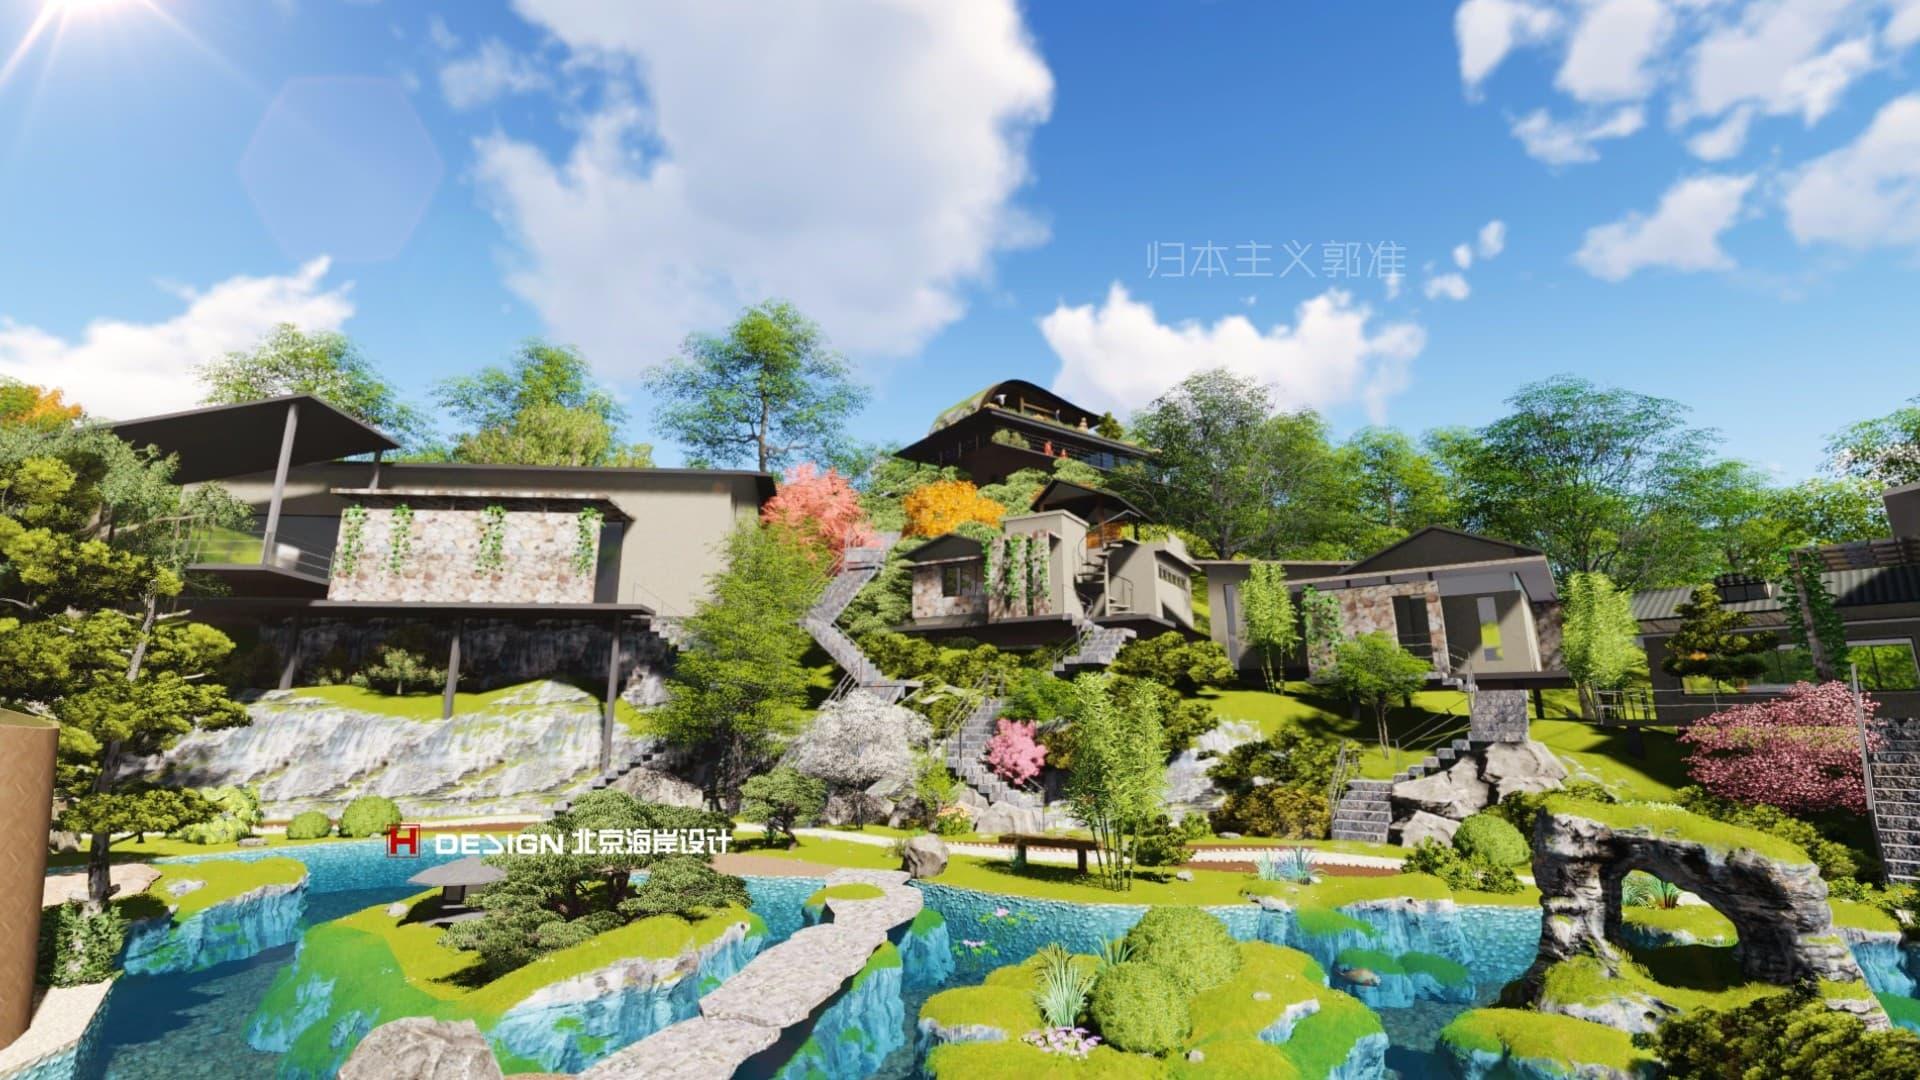 小镇设计|文旅产业规划|文旅产业设计|集装箱房屋设计|集装箱别墅设计